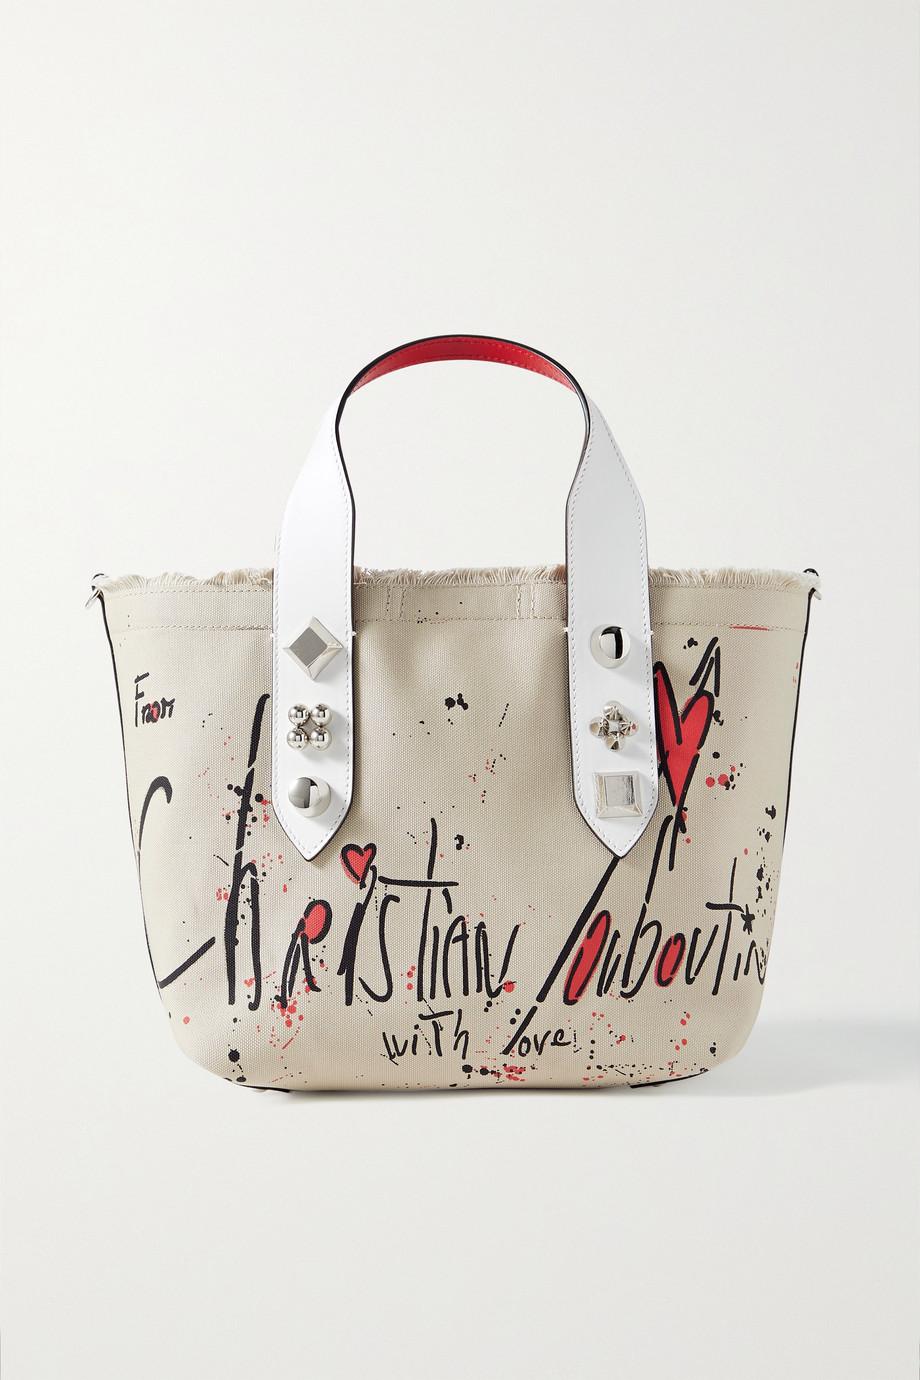 Christian Louboutin Sac à main en toile imprimée effilée à finitions en cuir Frangibus